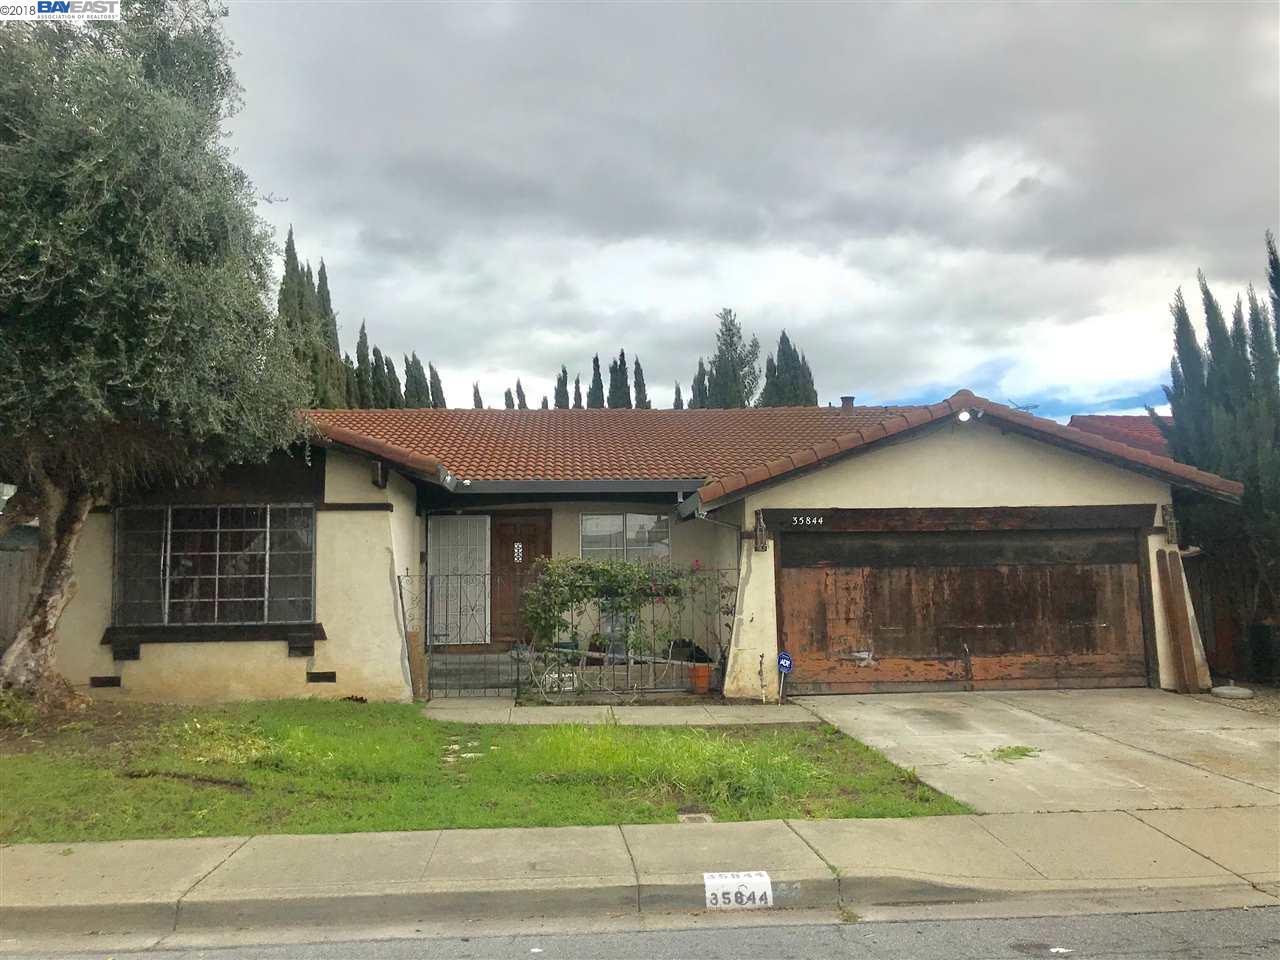 Maison unifamiliale pour l Vente à 35844 Ellmann Plce 35844 Ellmann Plce Fremont, Californie 94536 États-Unis